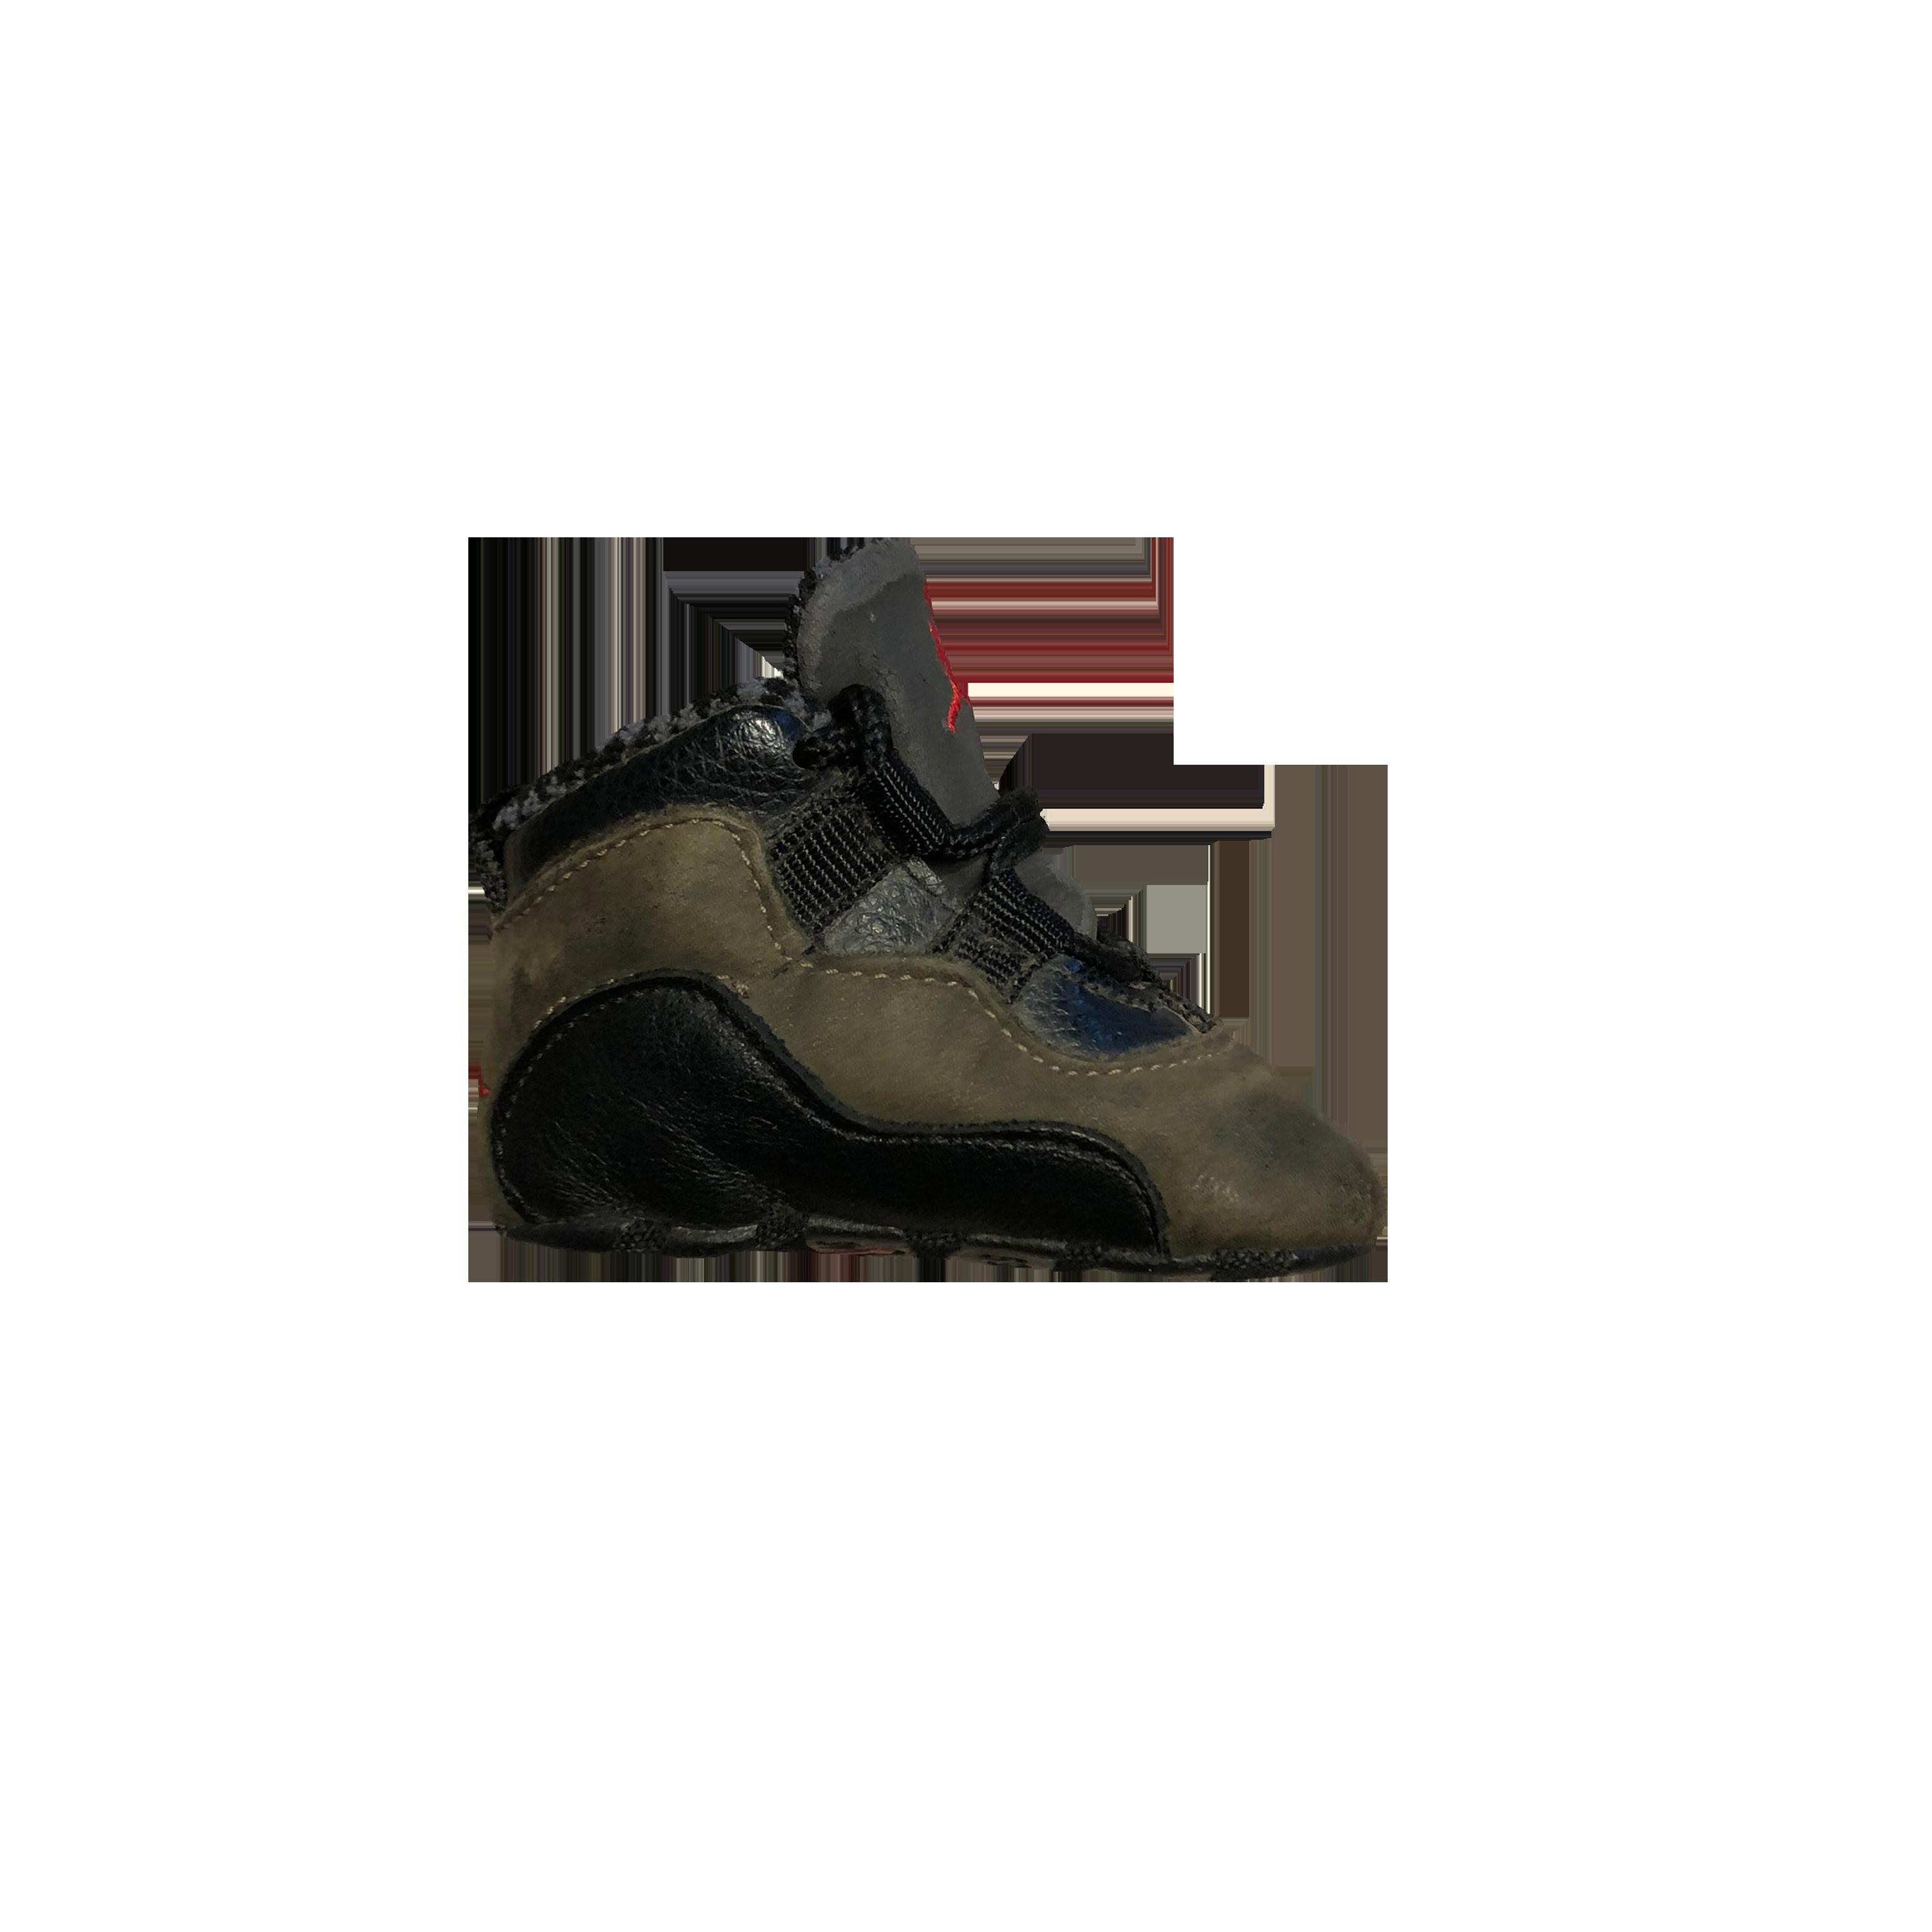 1995 Air Jordan 10s | Size 1 infant